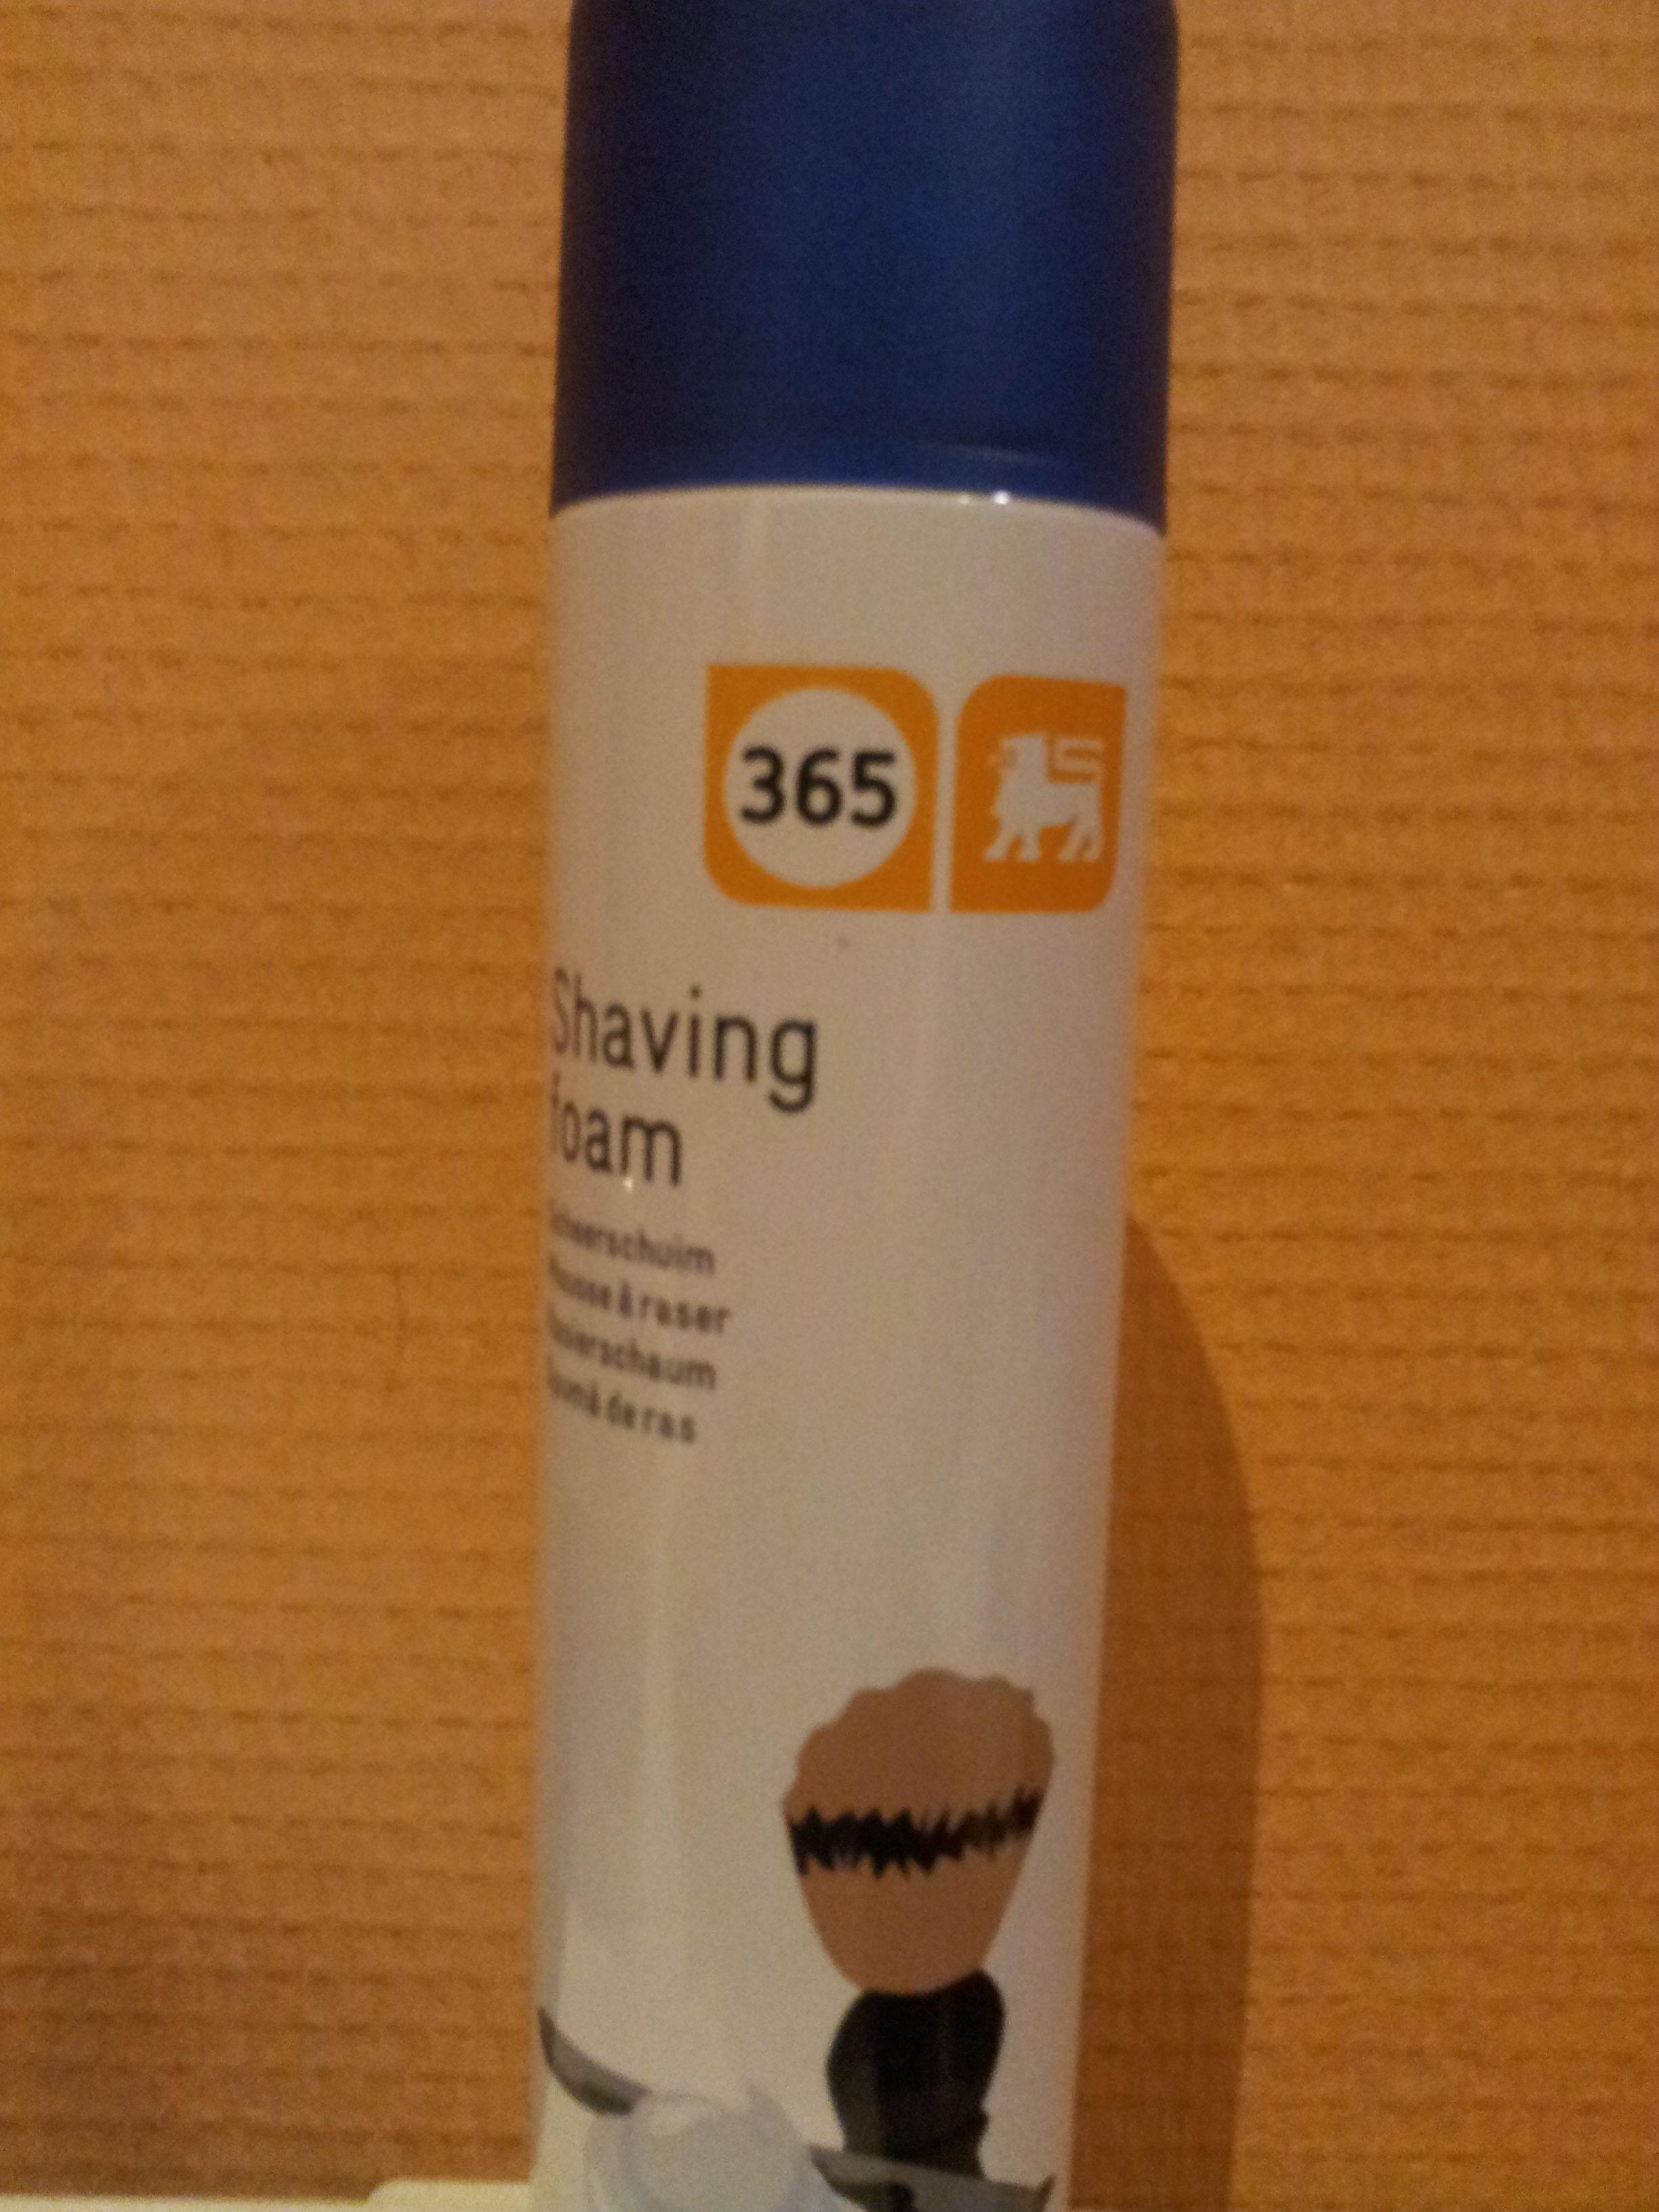 Shaving foam - Produit - fr